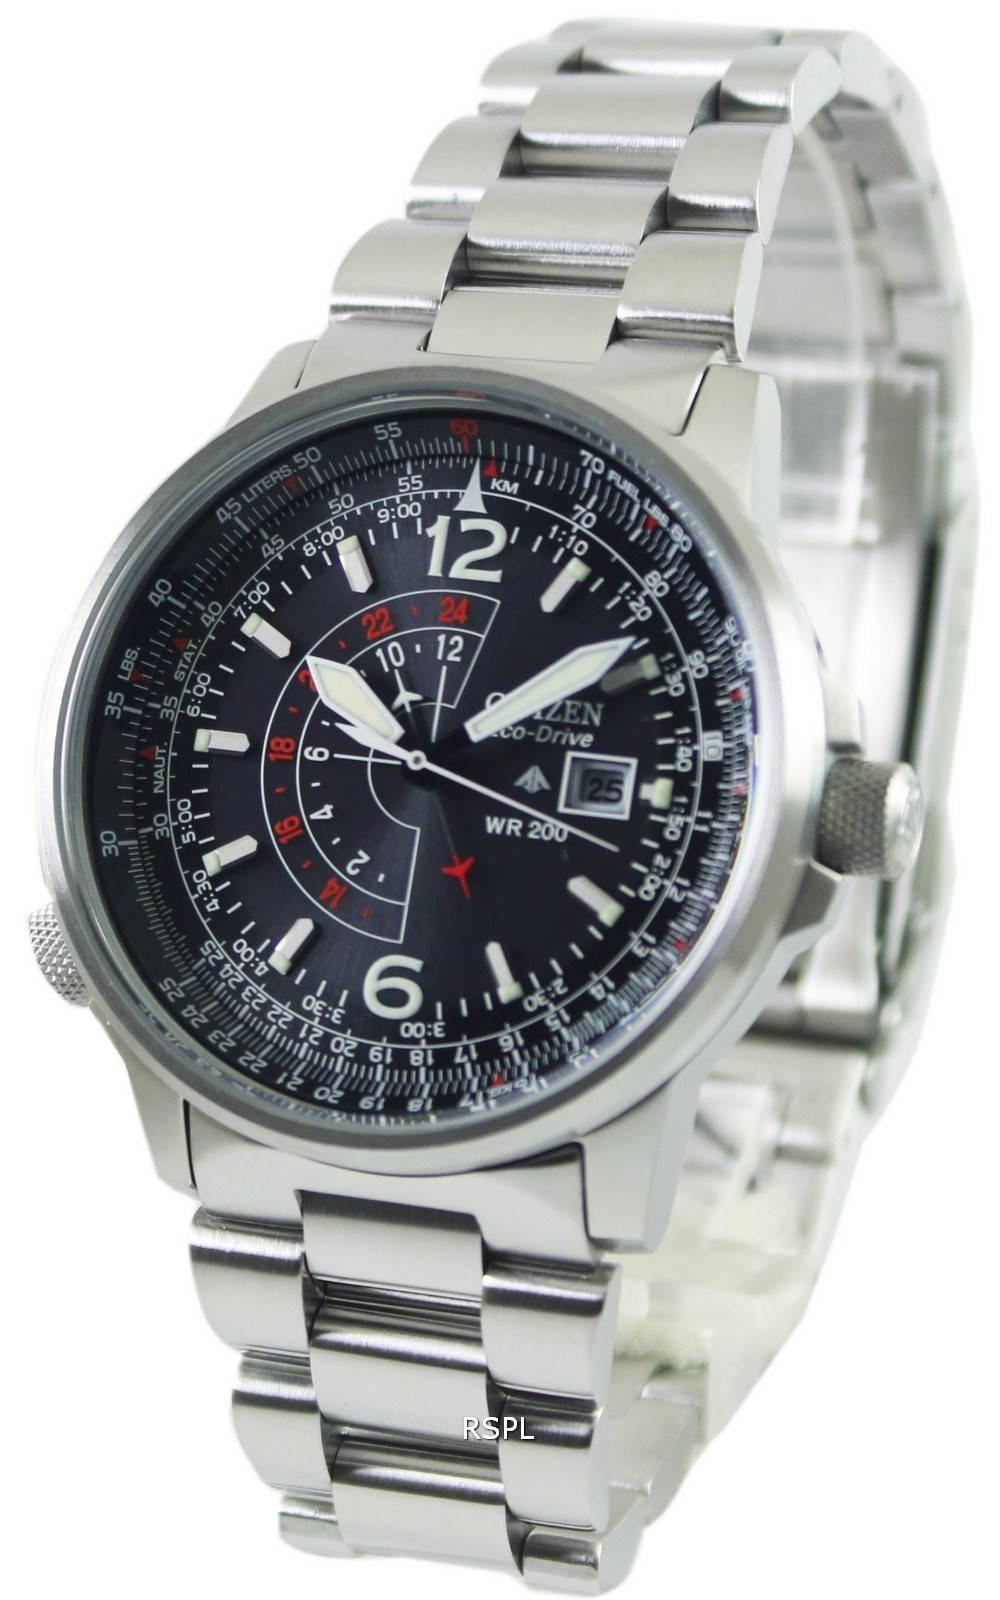 Citizen Promaster Eco Drive Nighthawk Bj7010 59ebj7000 52e